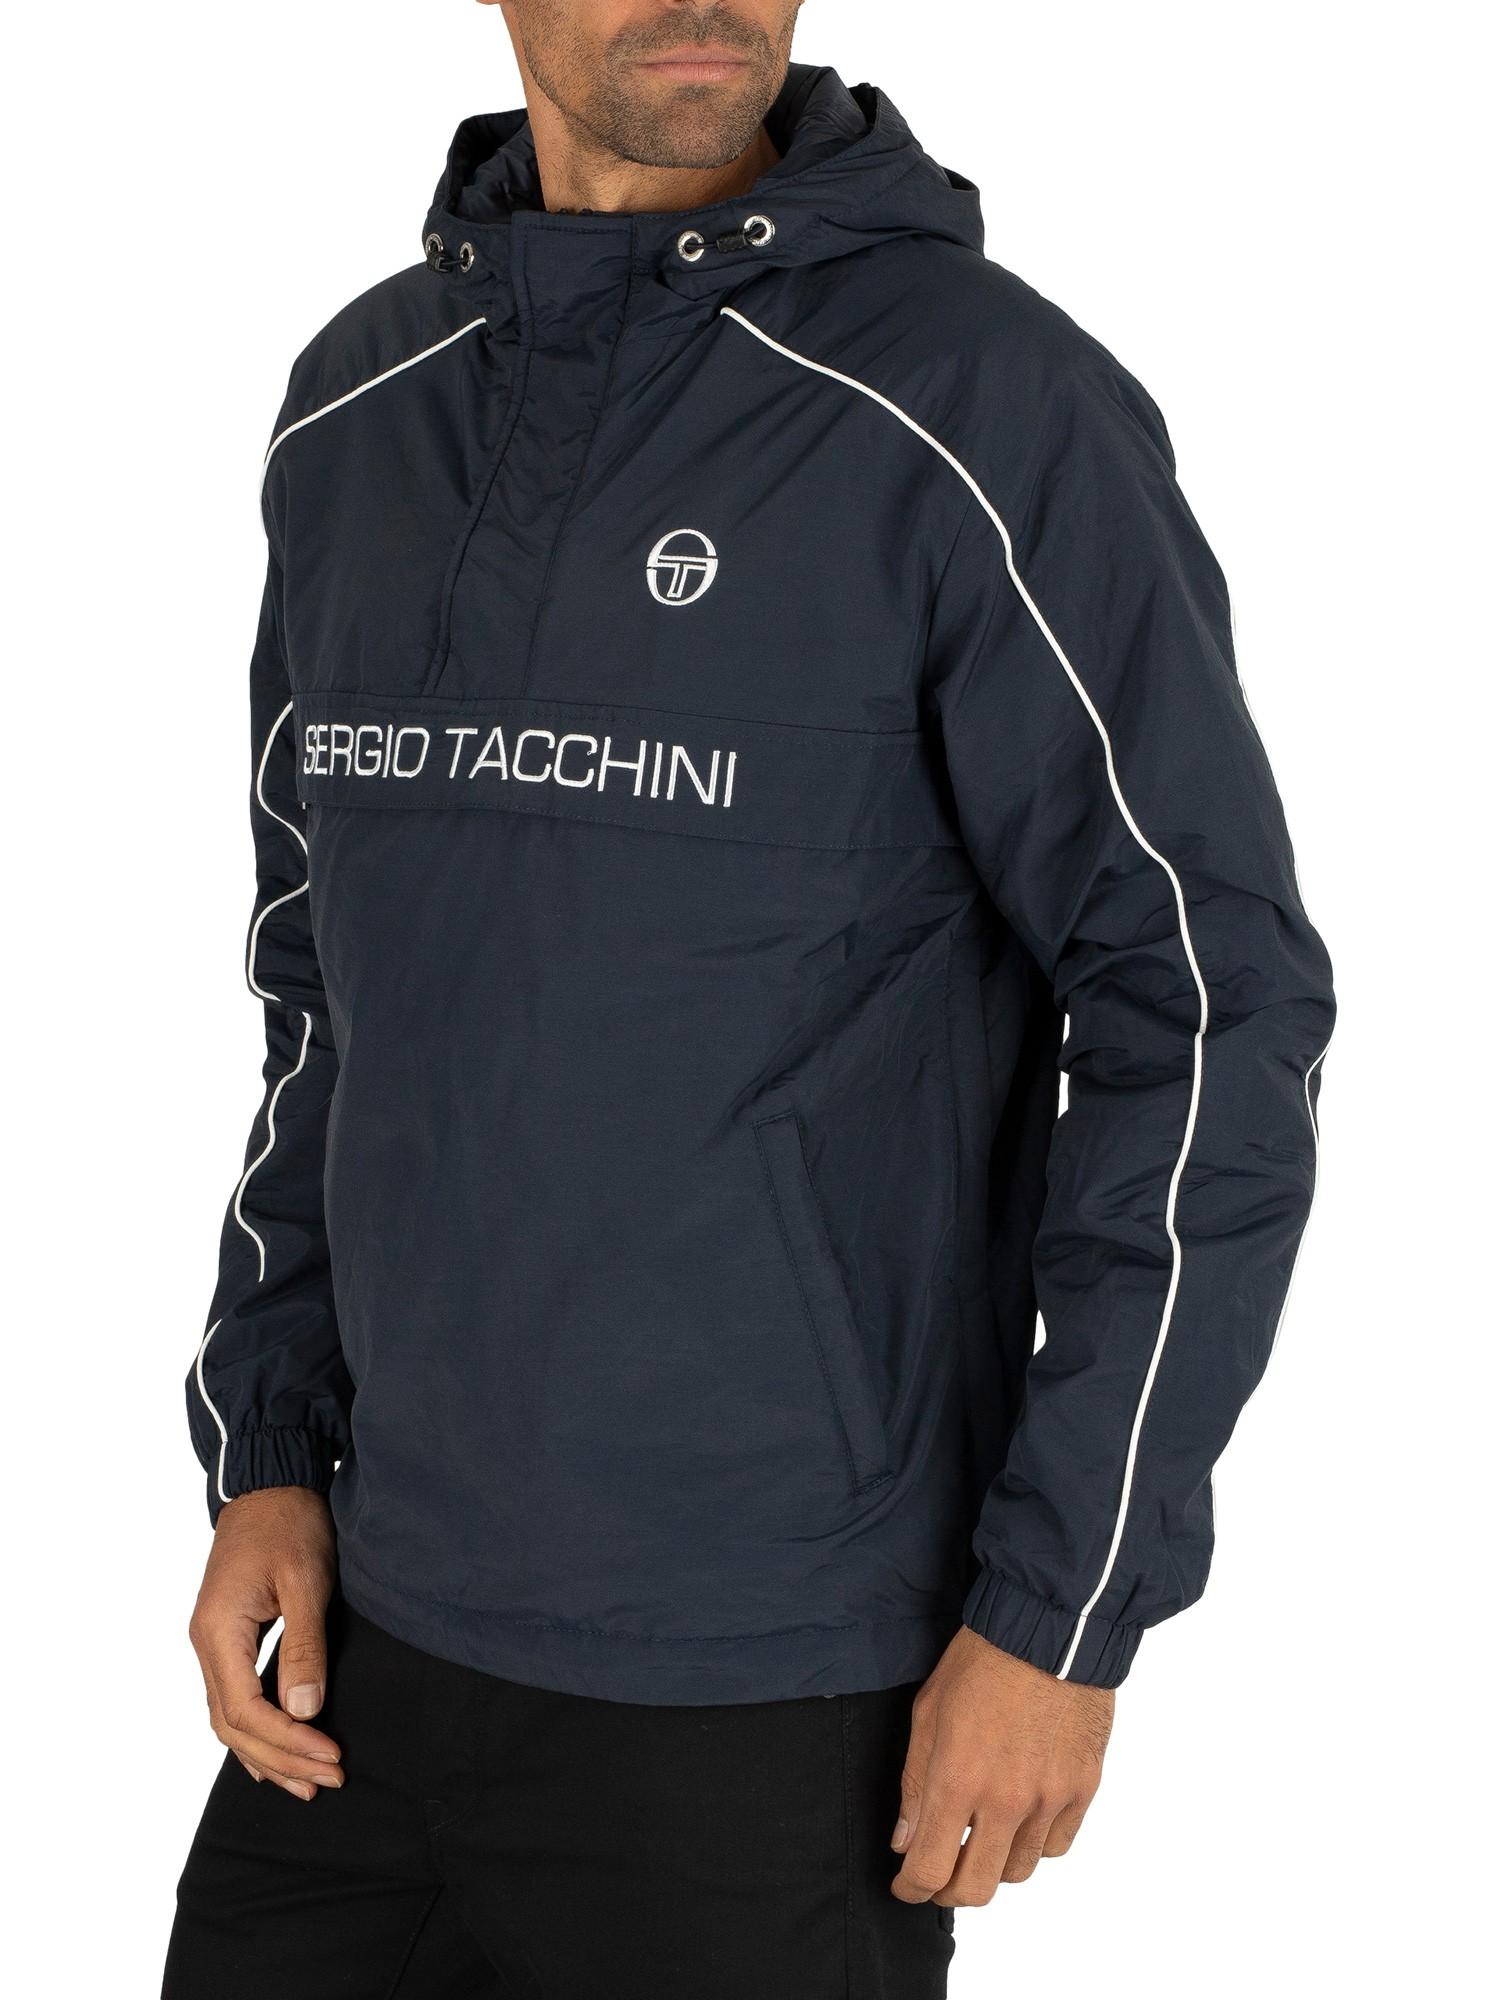 Sergio Tacchini Dabou Anorak Jacket NavyWhite